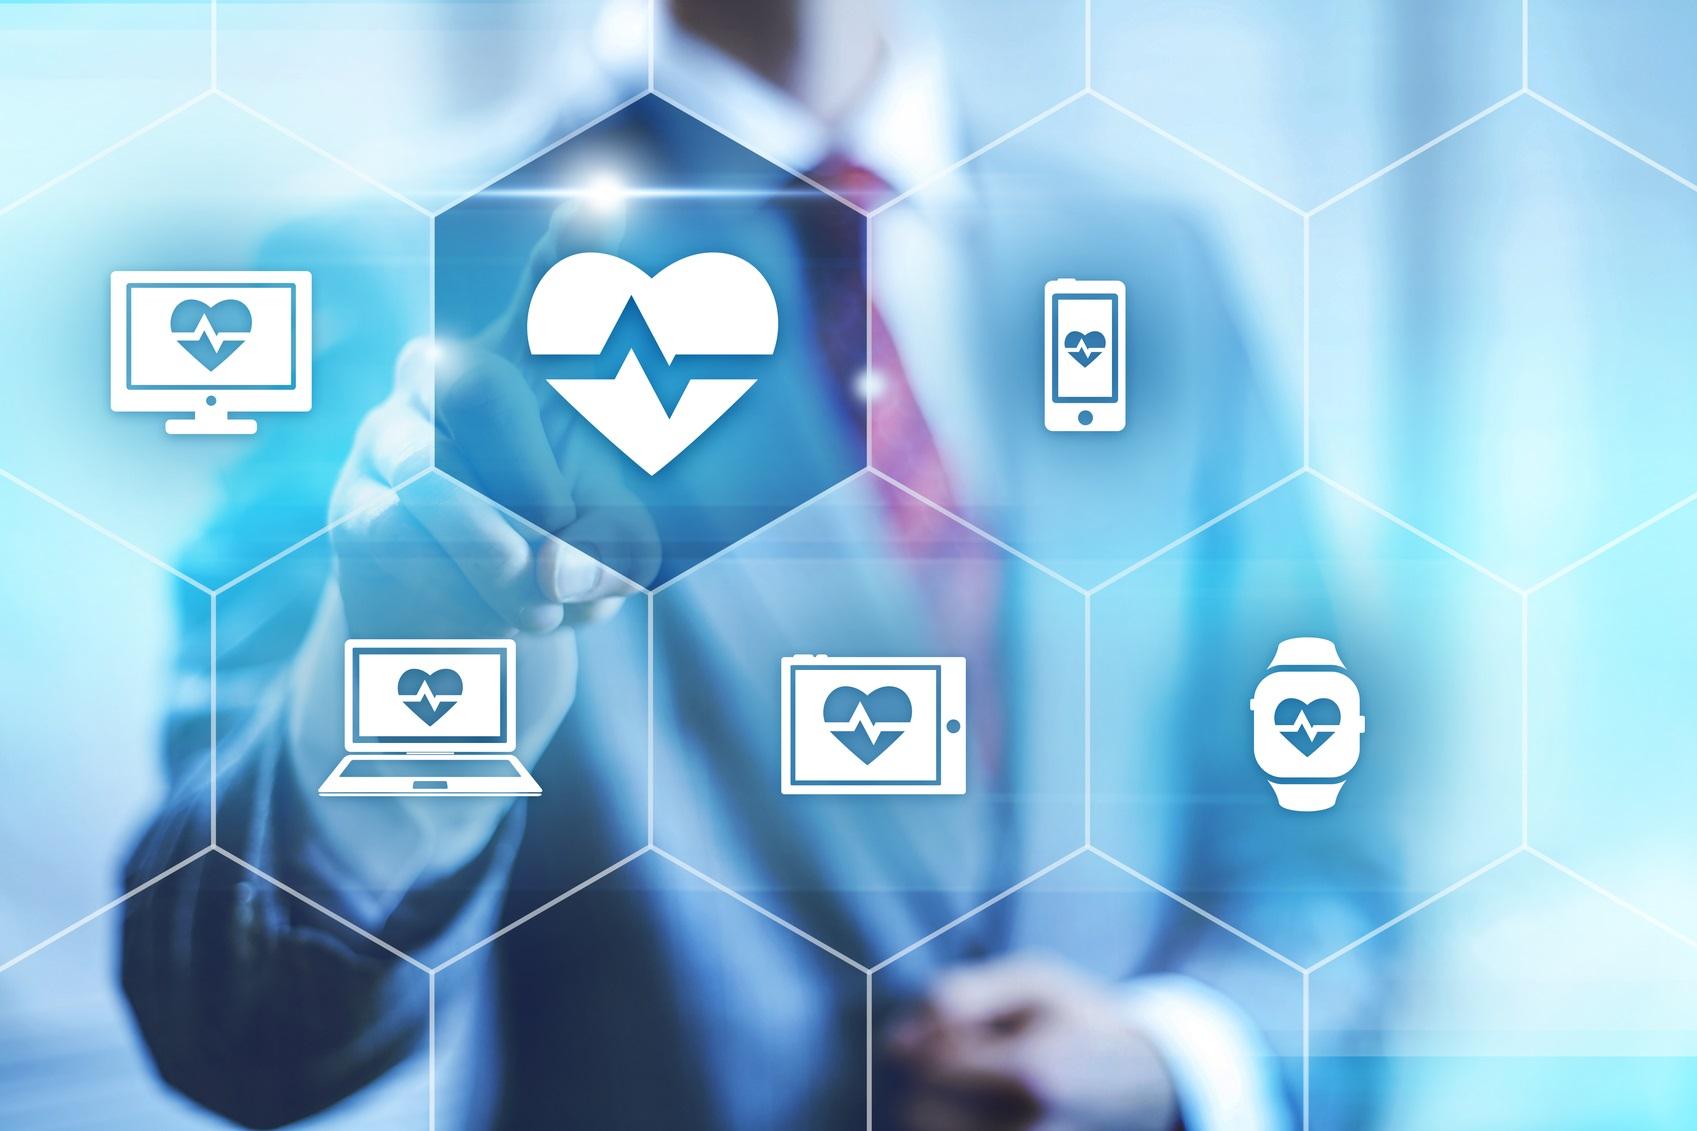 ۱۰ سوال پرتکرار حوزه سلامت که در سال ۲۰۱۷ از دکتر گوگل پرسیده شده است